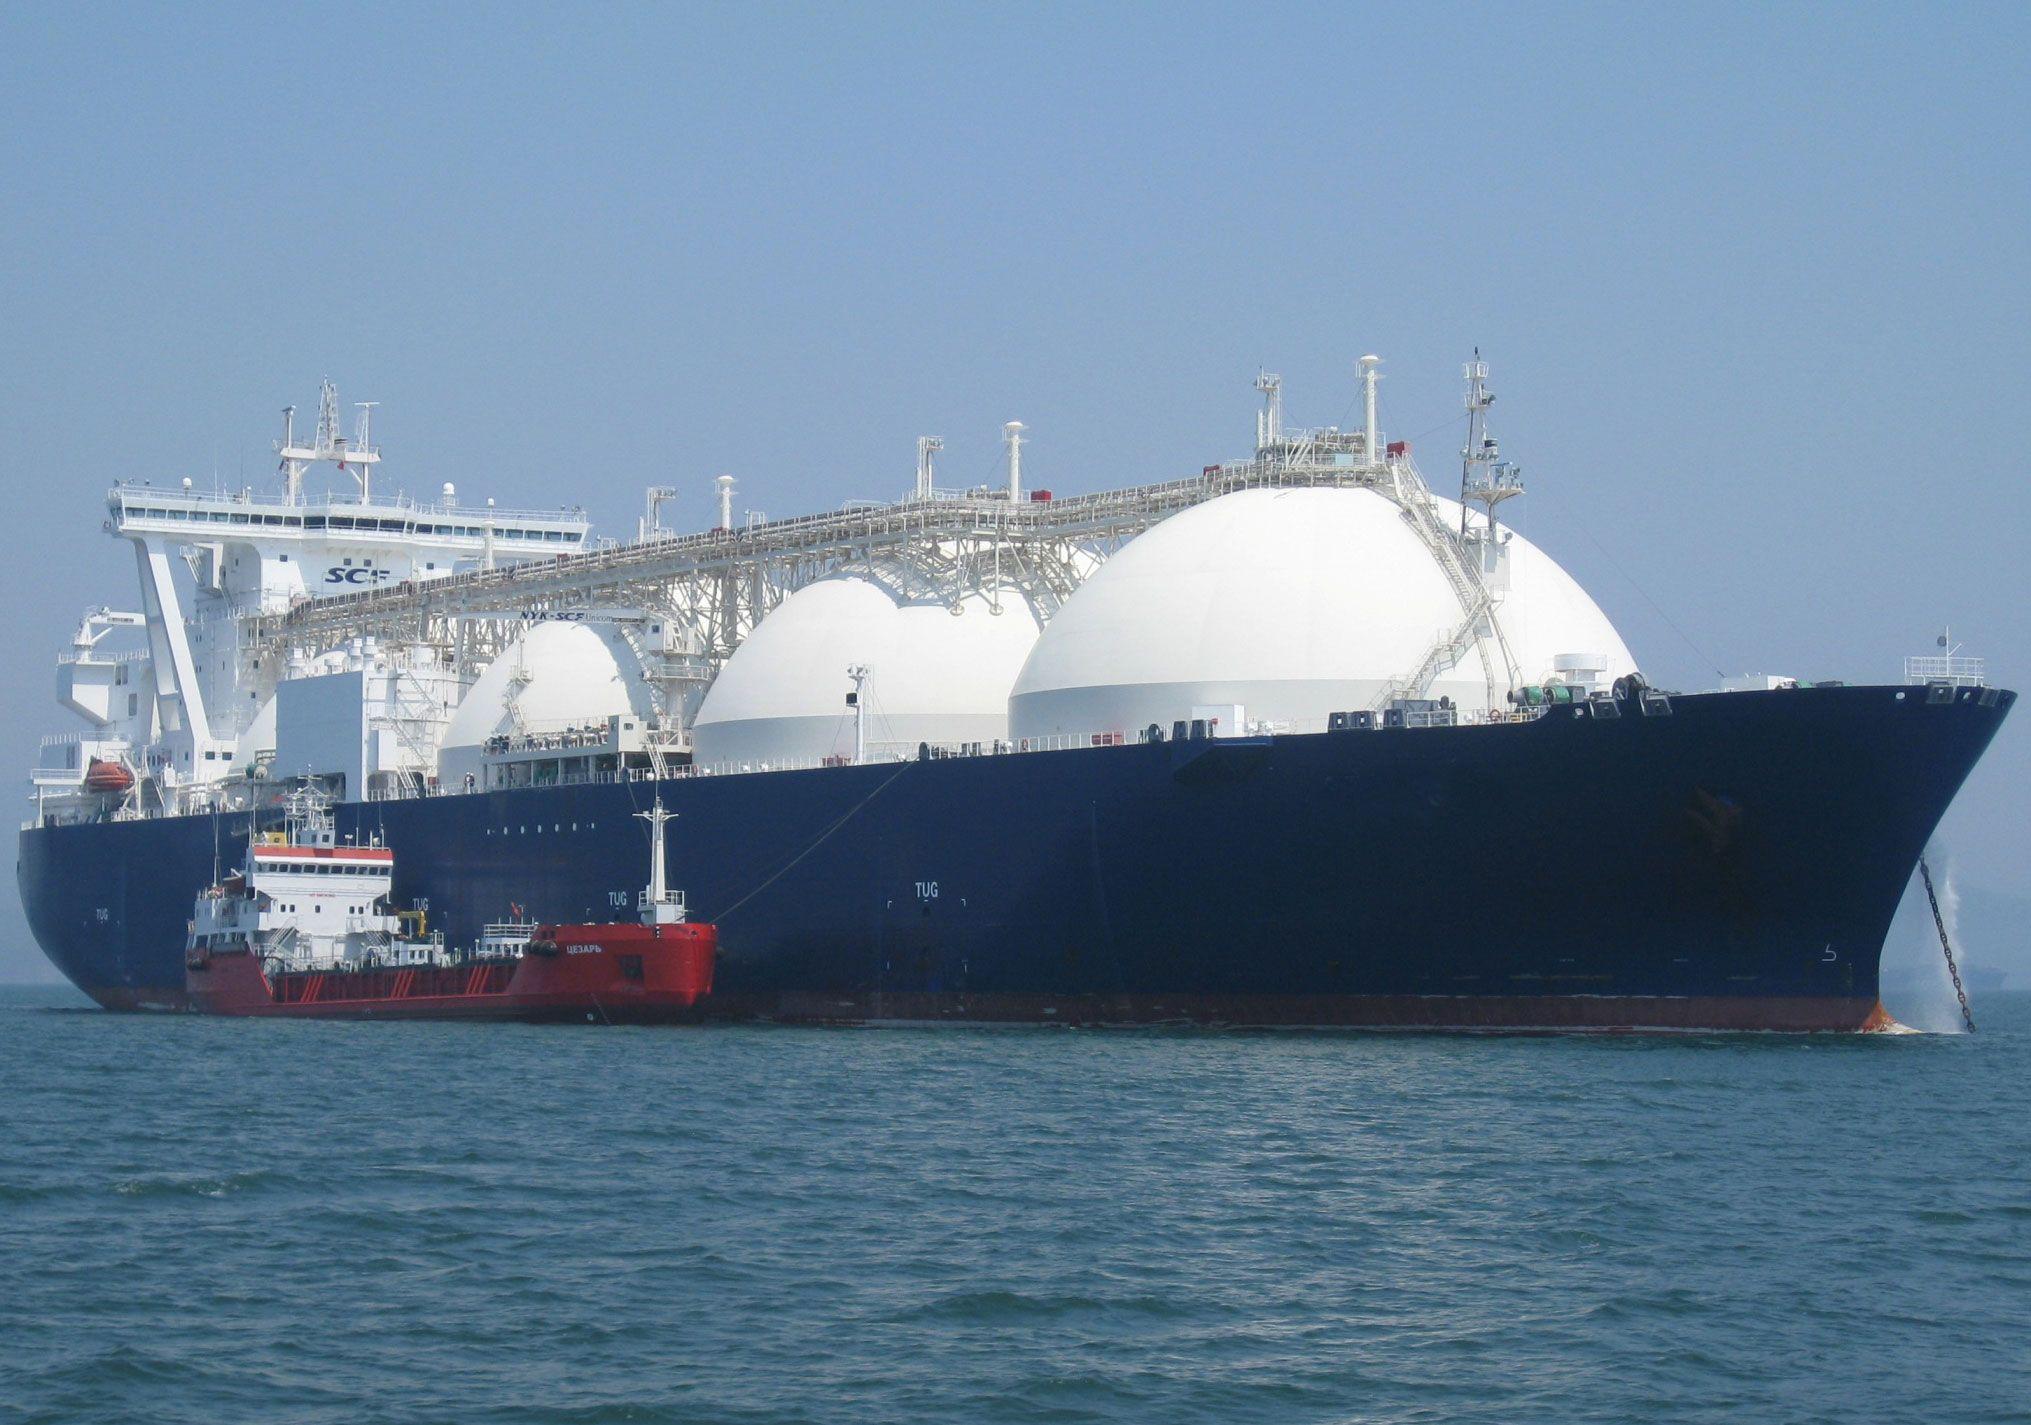 танкер газовоз картинки пасти